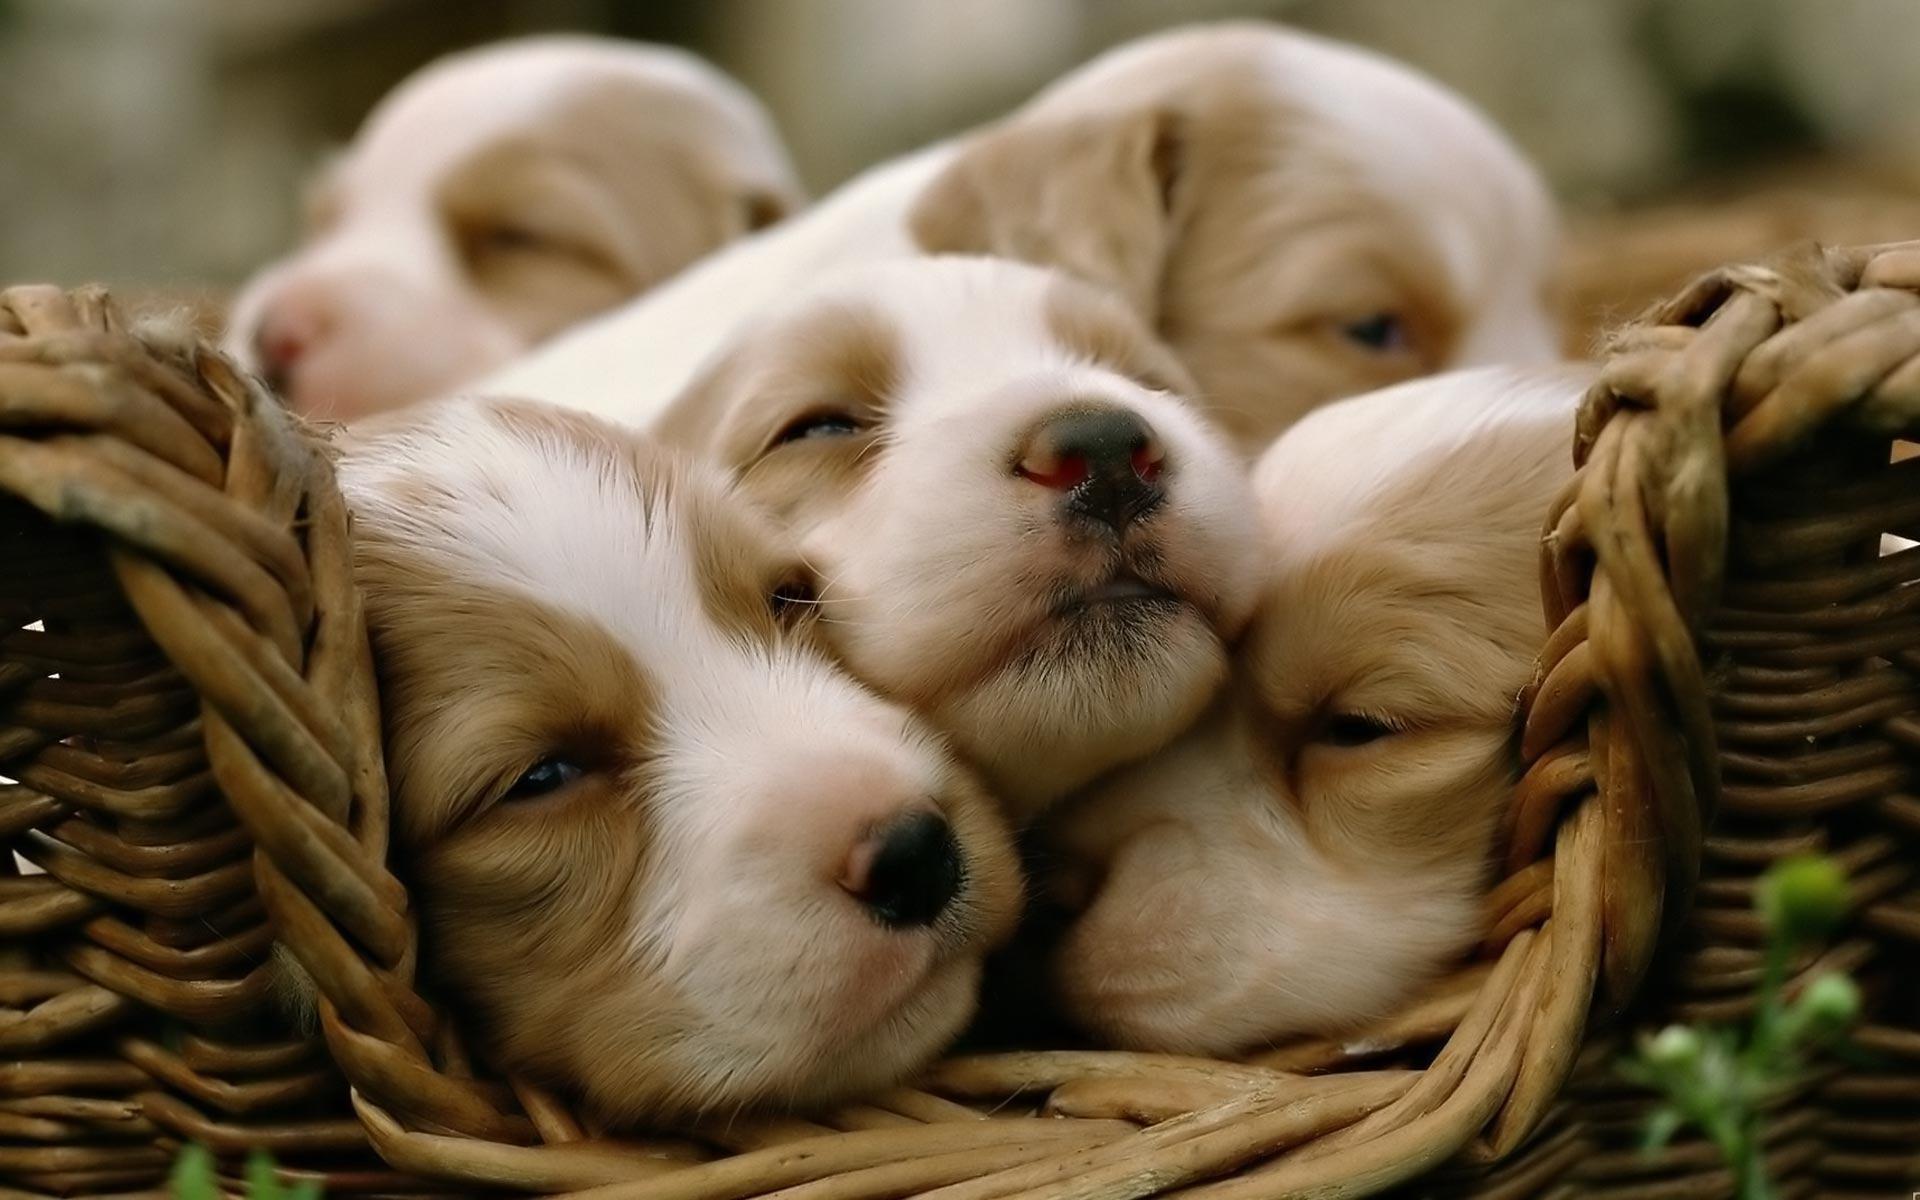 1920x1200 Cute Puppy Wallpaper Desktop 30118 Hd Wallpapers In